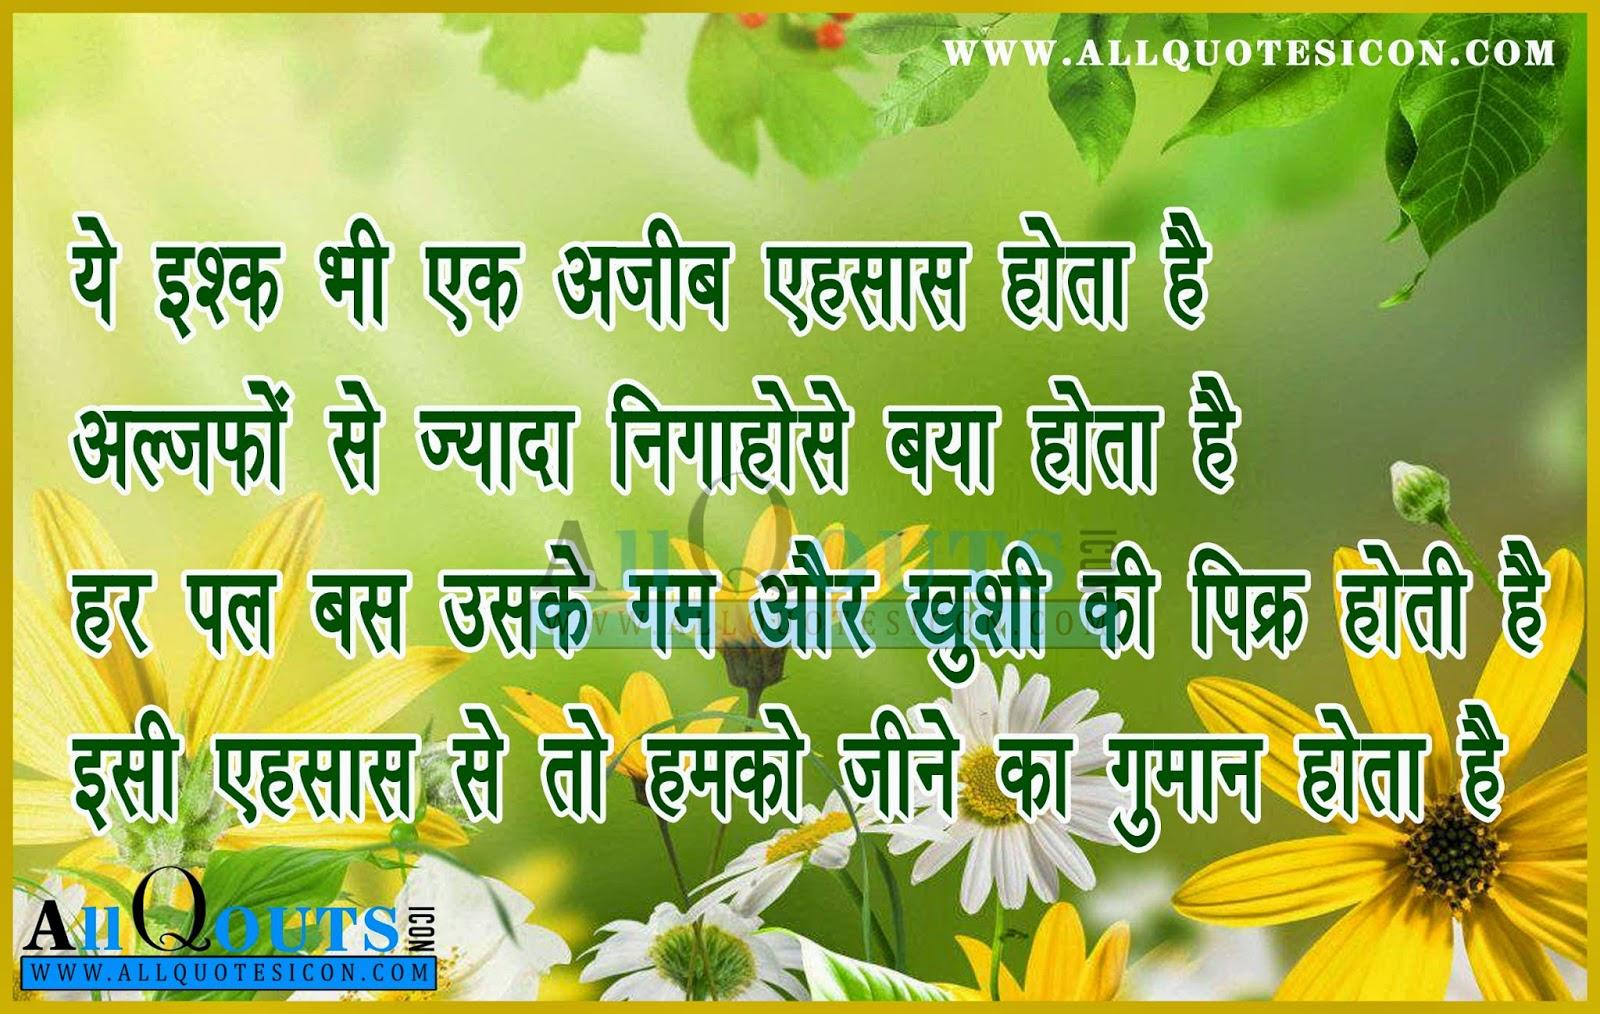 love shayari and thoughts in hindi